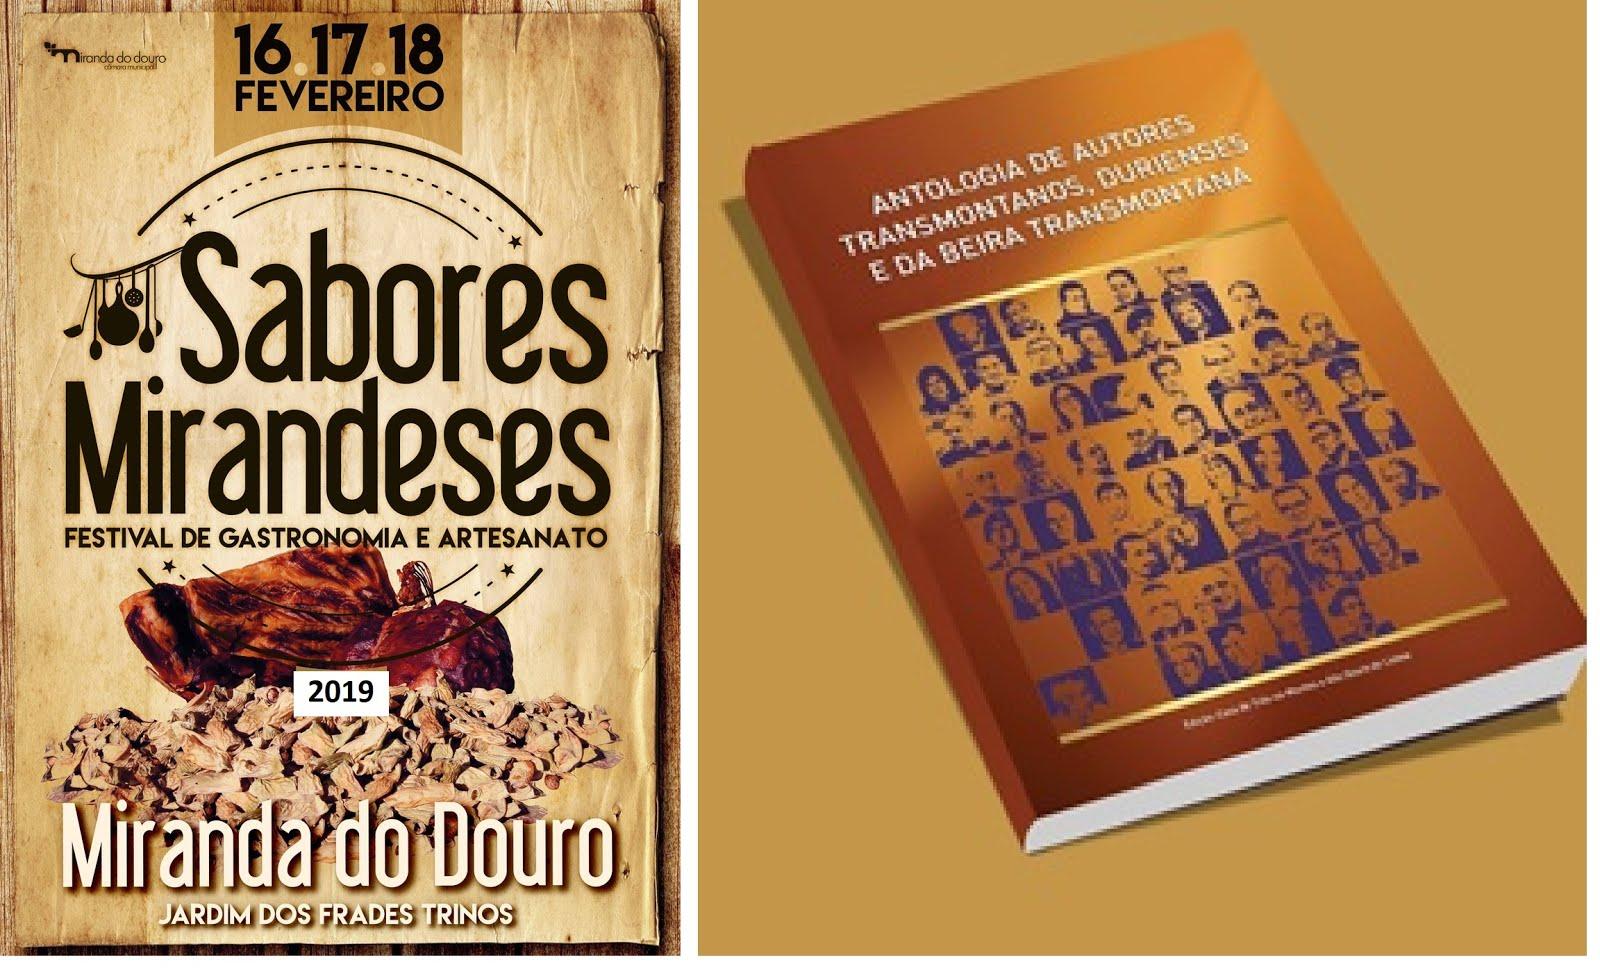 Antologia de Autores em Miranda do Douro